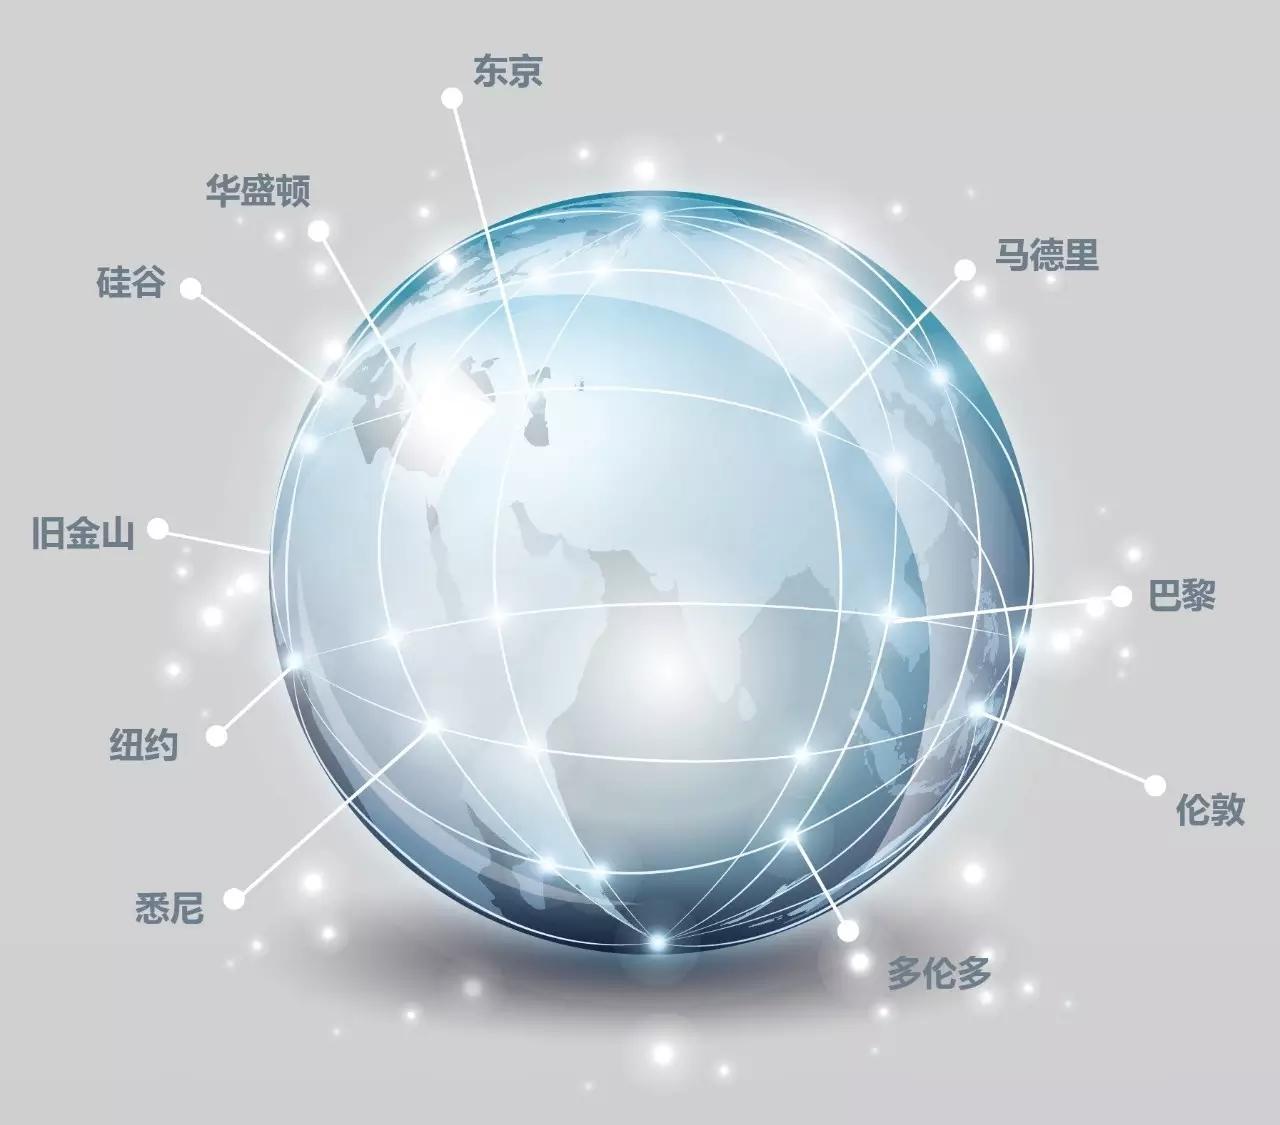 广州开发区人才和科技政策面向全球发布